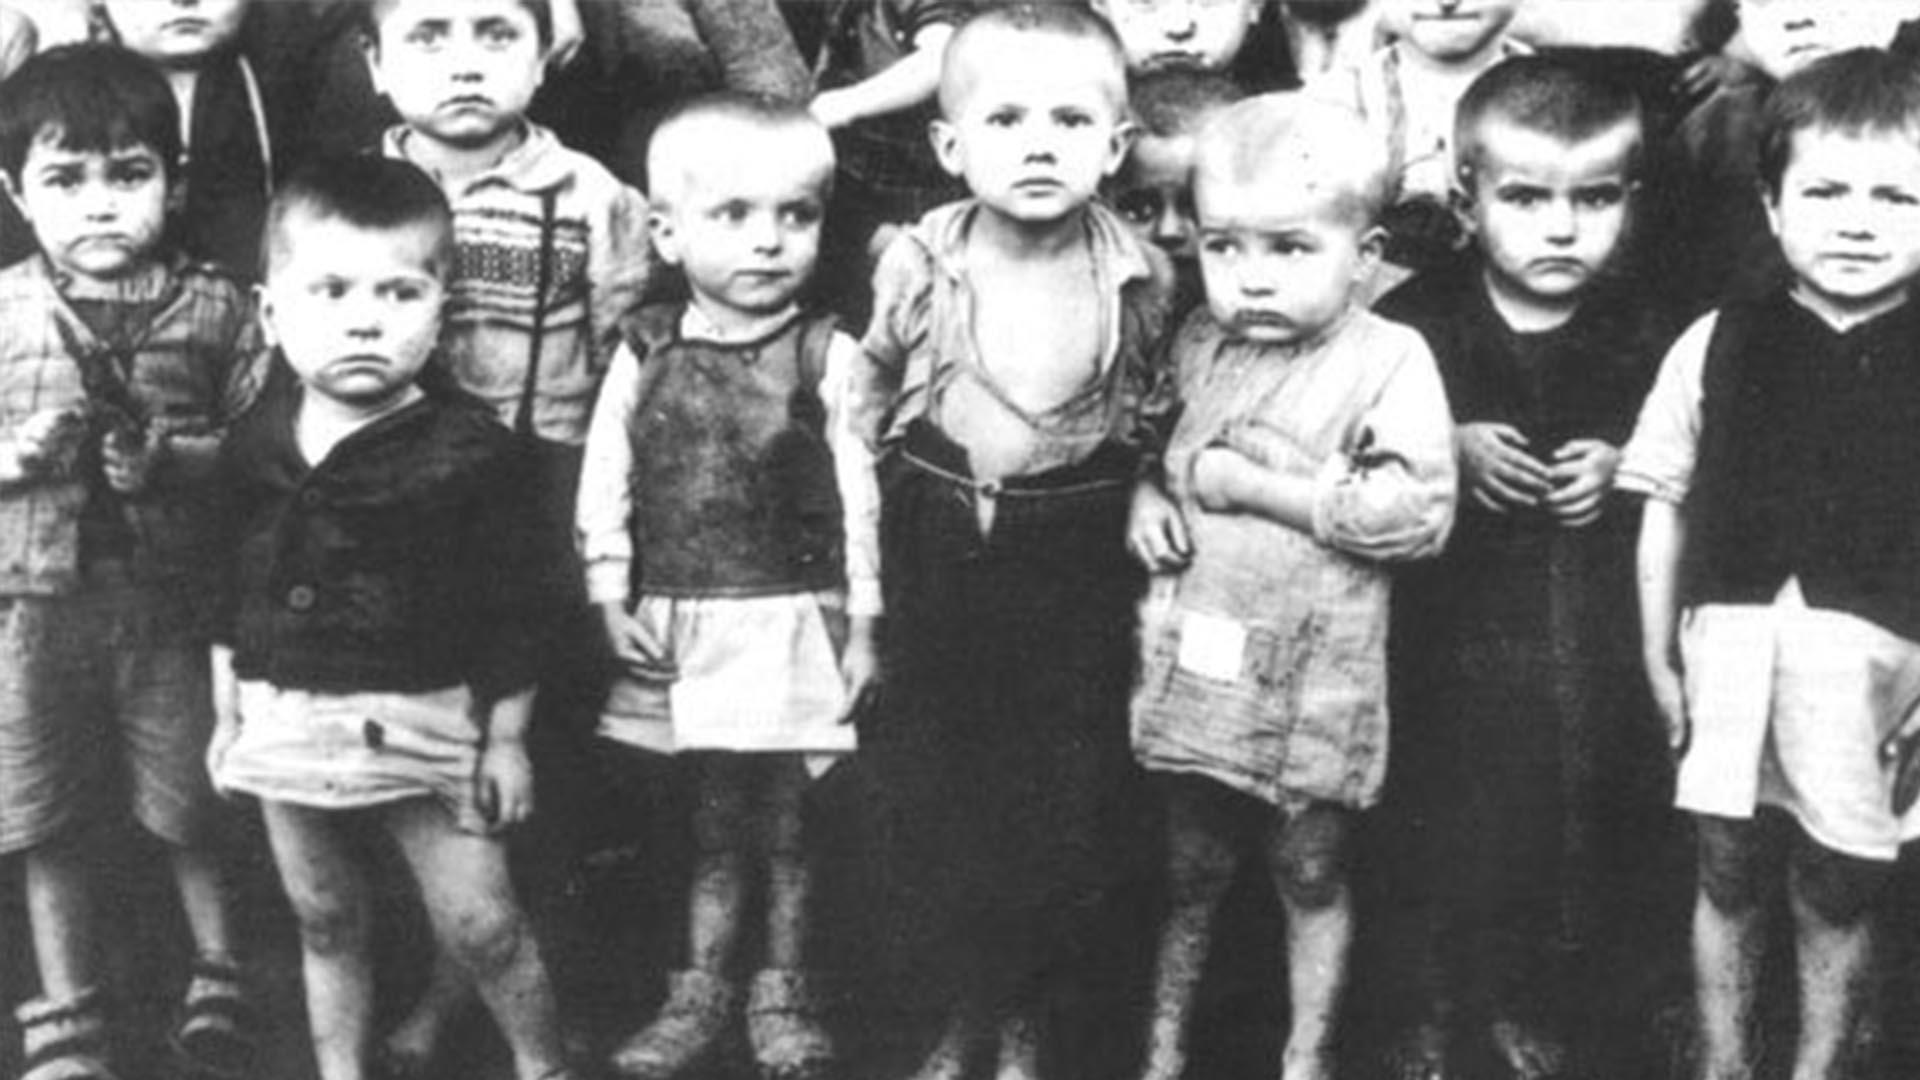 Los chicos, encerrados, caminaban entre sus propios excrementos, con hambre, los llantos y los gritos eran desgarradores. La decisión no tardó en tomarse: serían masacrados (Foto: Archivo Walter Von Reichenau)